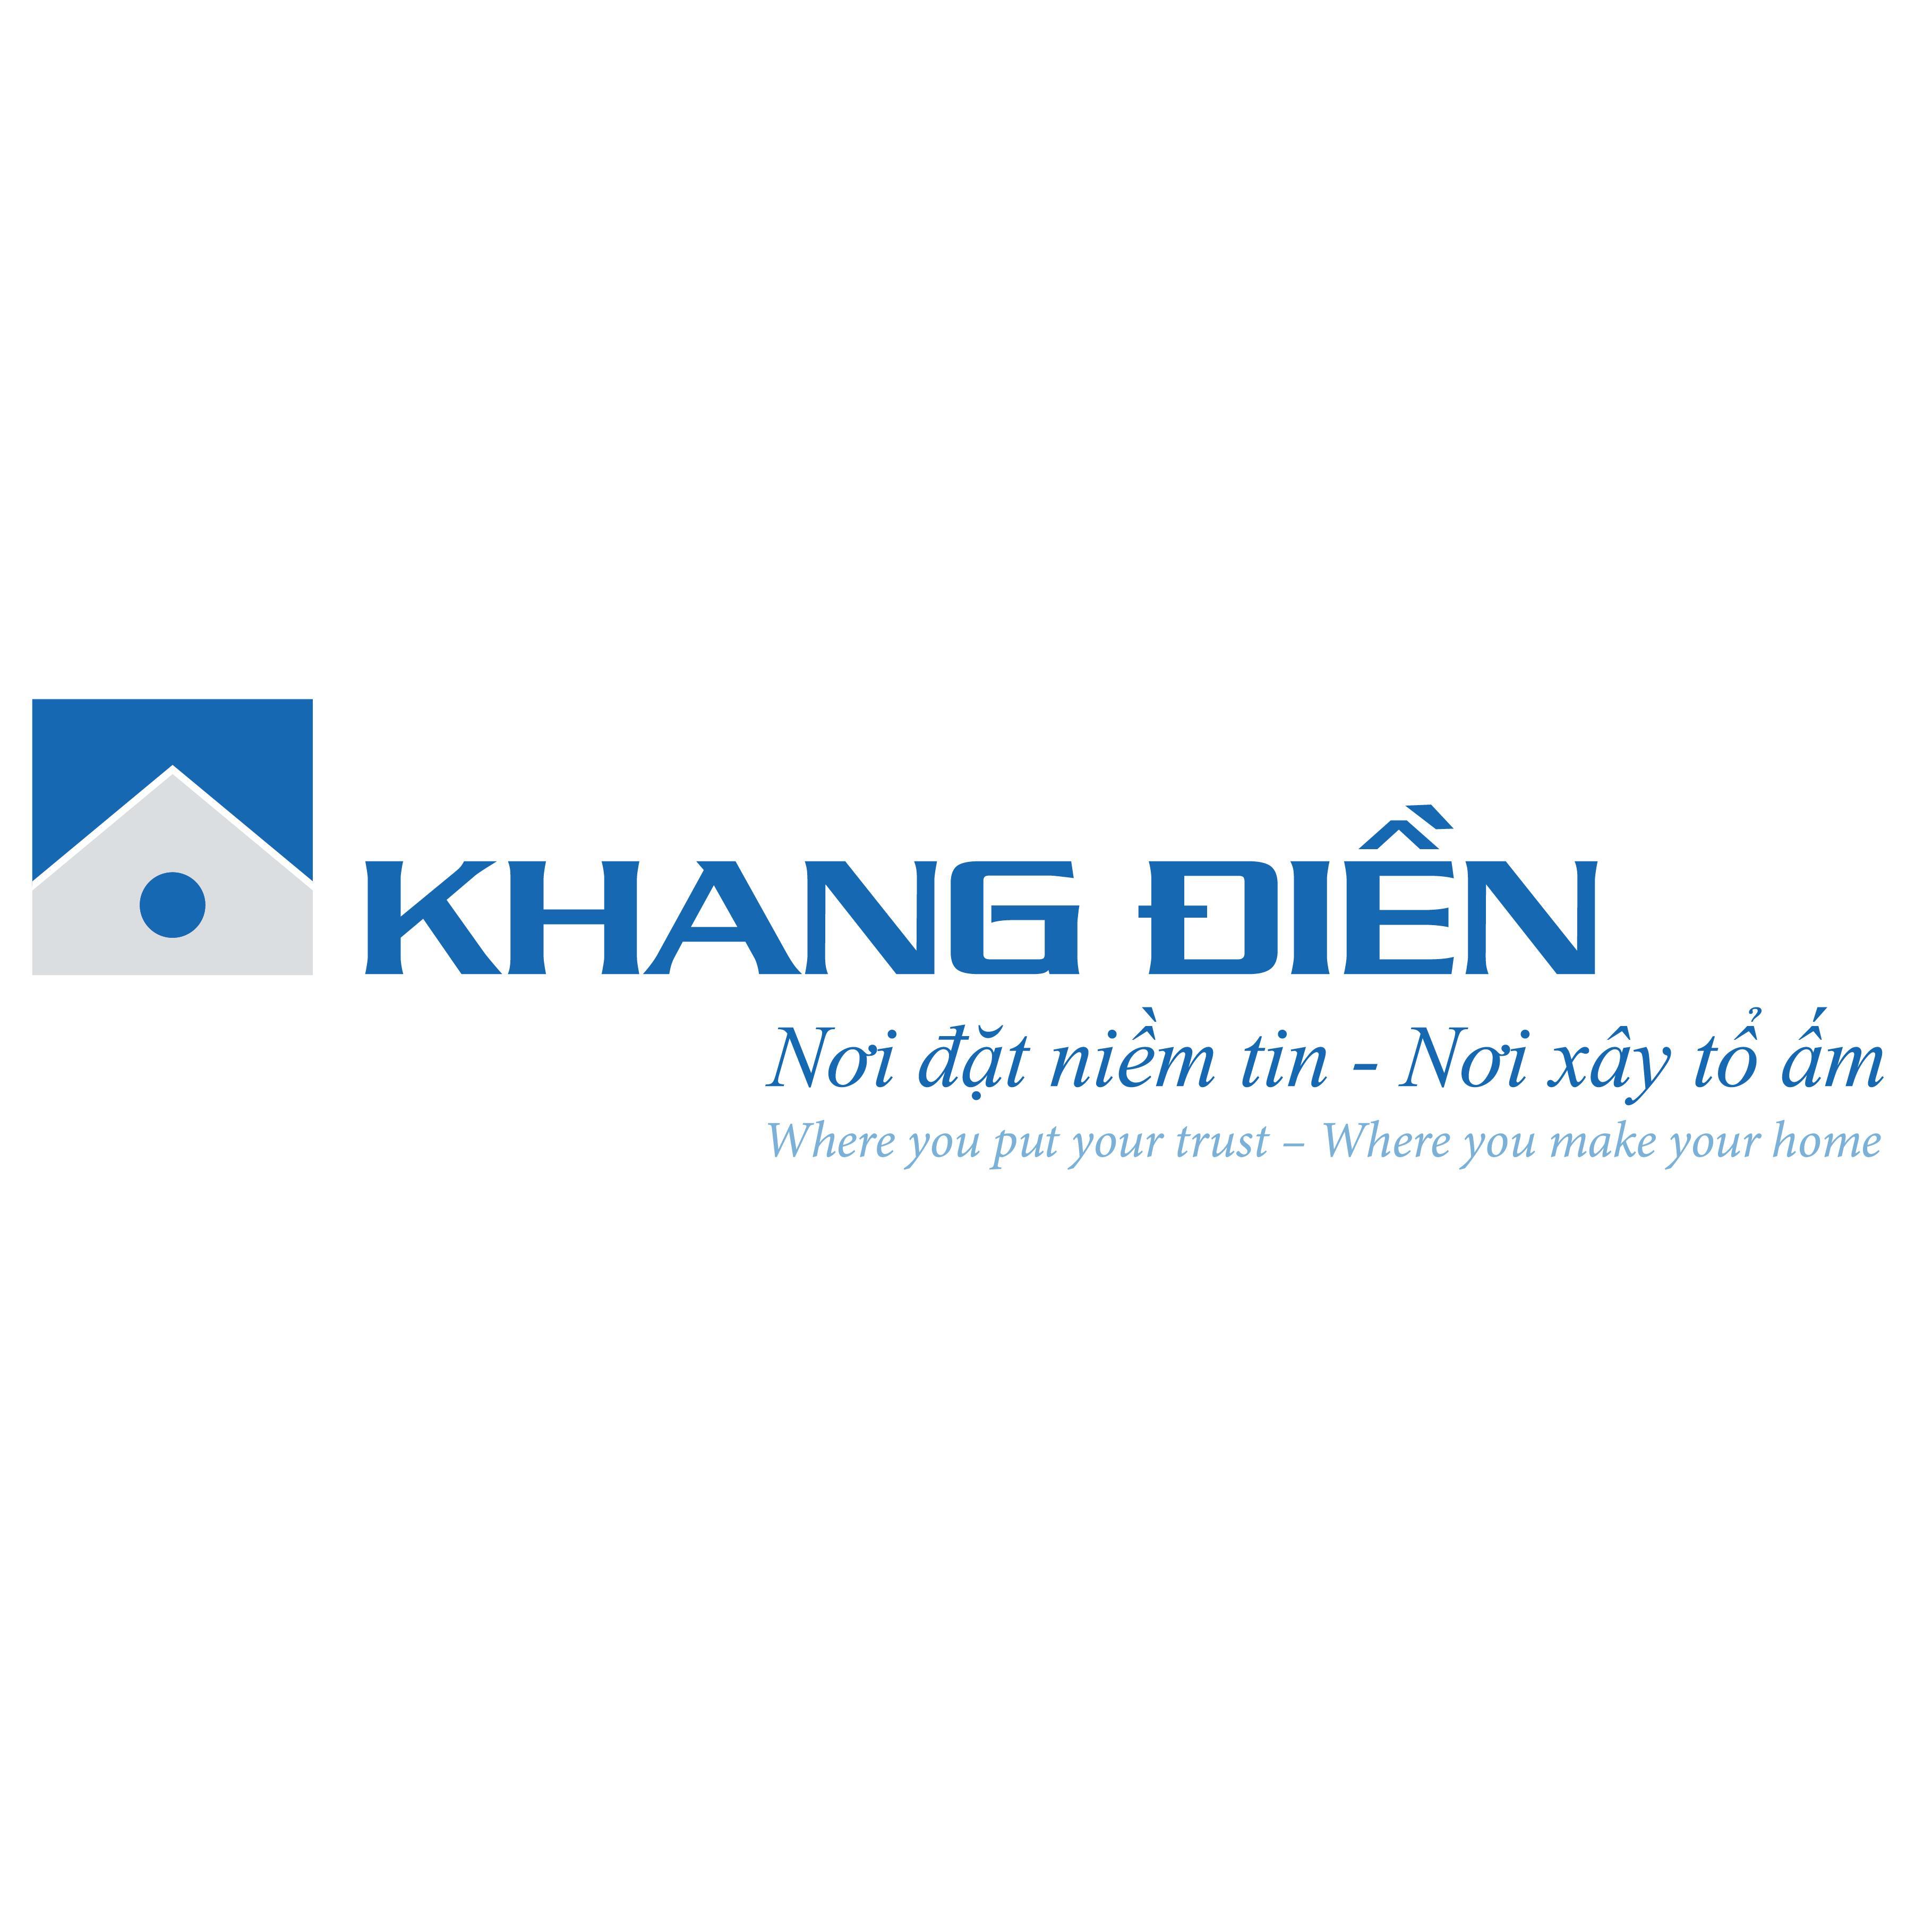 KDH: Thay đổi giấy chứng nhận đăng ký doanh nghiệp lần 21 - Công ty TNHH MTV Đầu tư Kinh doanh Nhà Khang Phúc